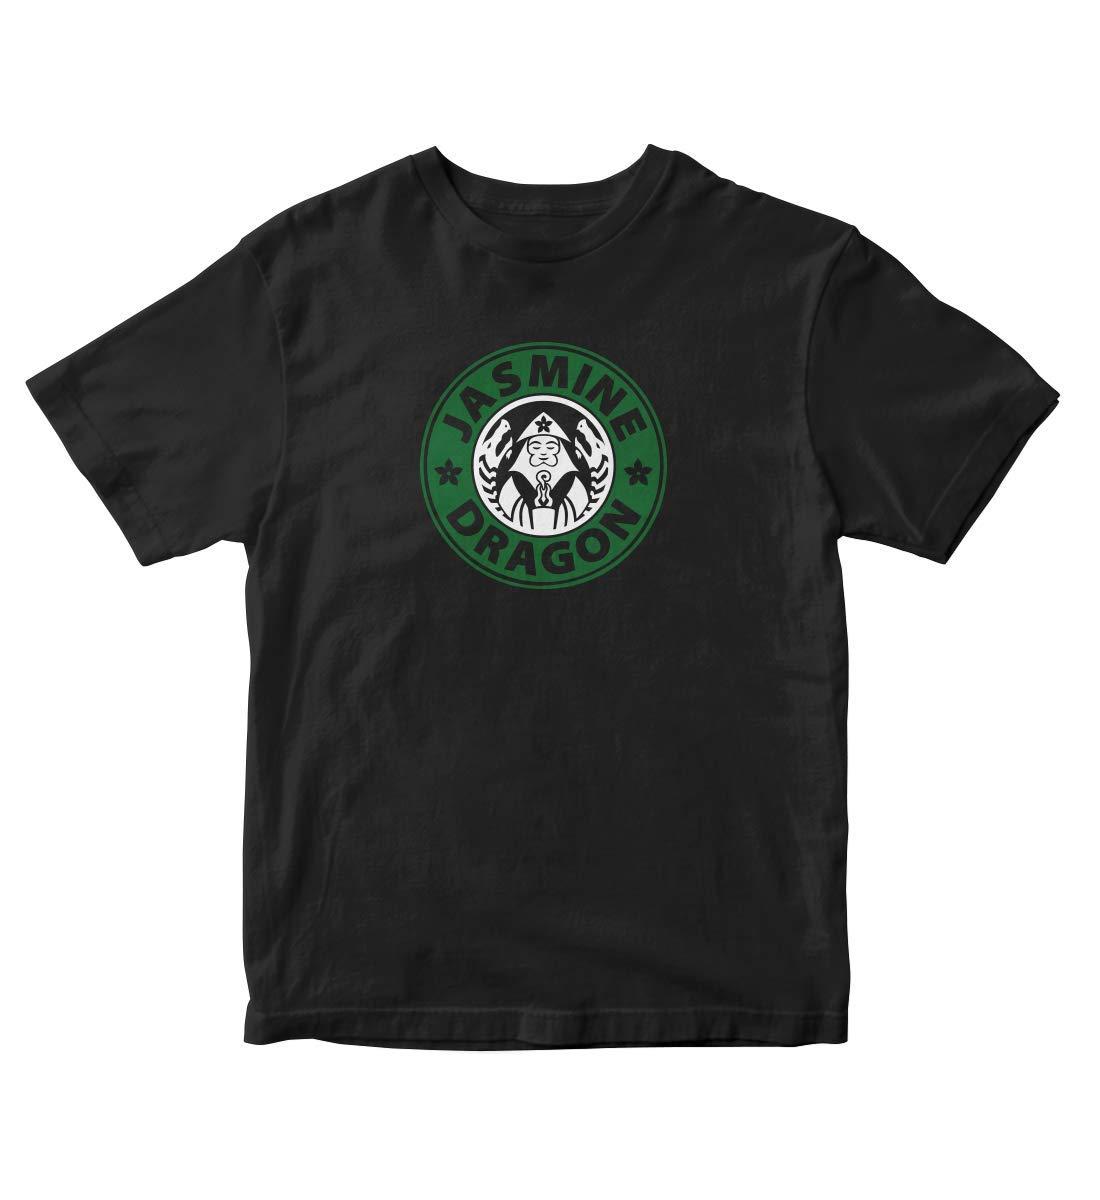 Jasmine Dragon Tea Shop Avatar Black Shirt S M123